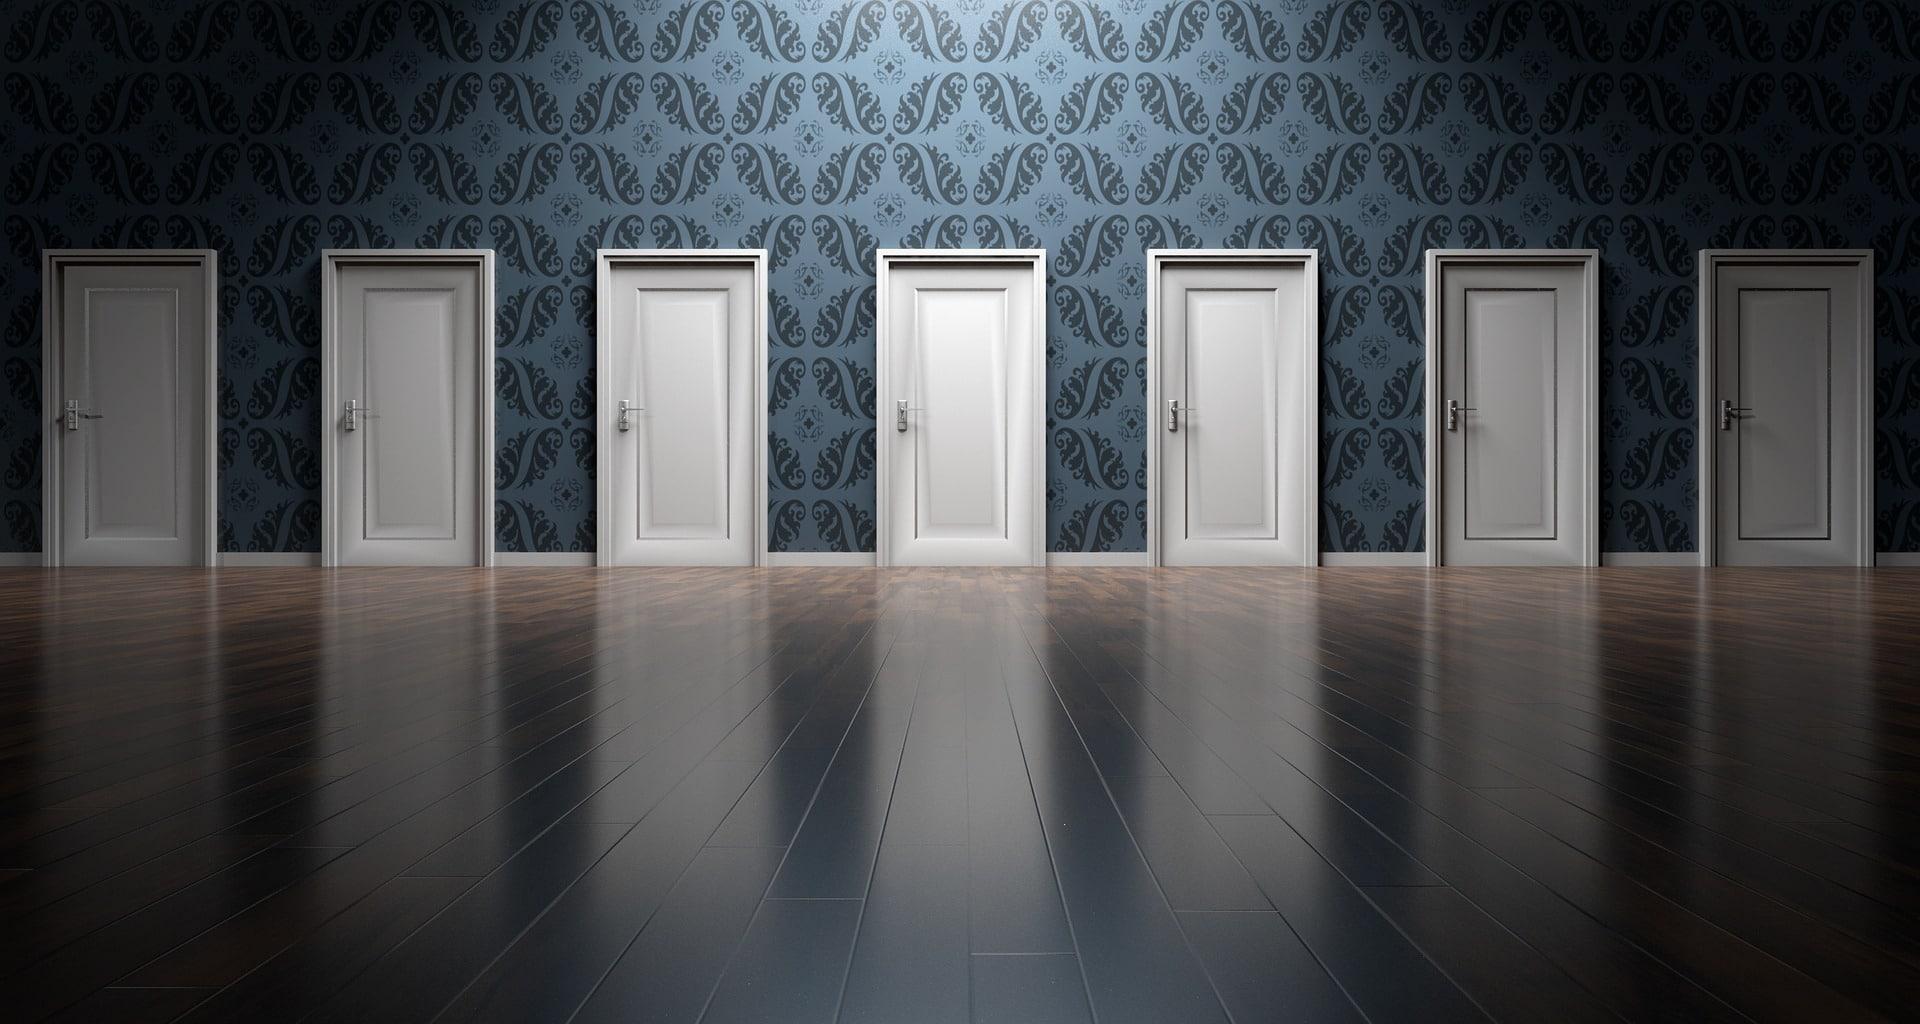 Viele Türen, viele Möglichkeiten